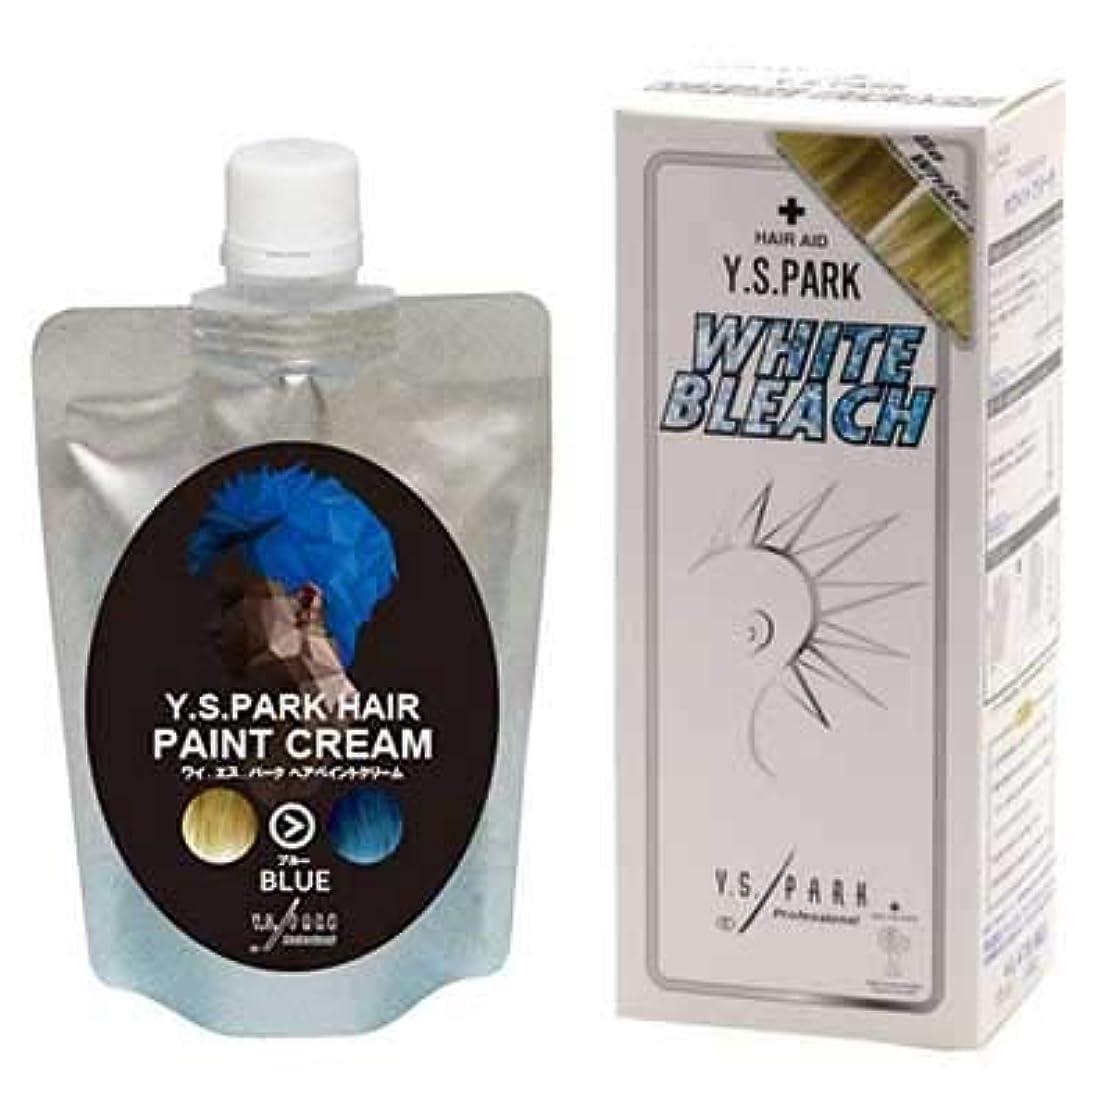 親指退屈強いY.S.PARKヘアペイントクリーム ブルー 200g & Y.S.PARKホワイトブリーチセット